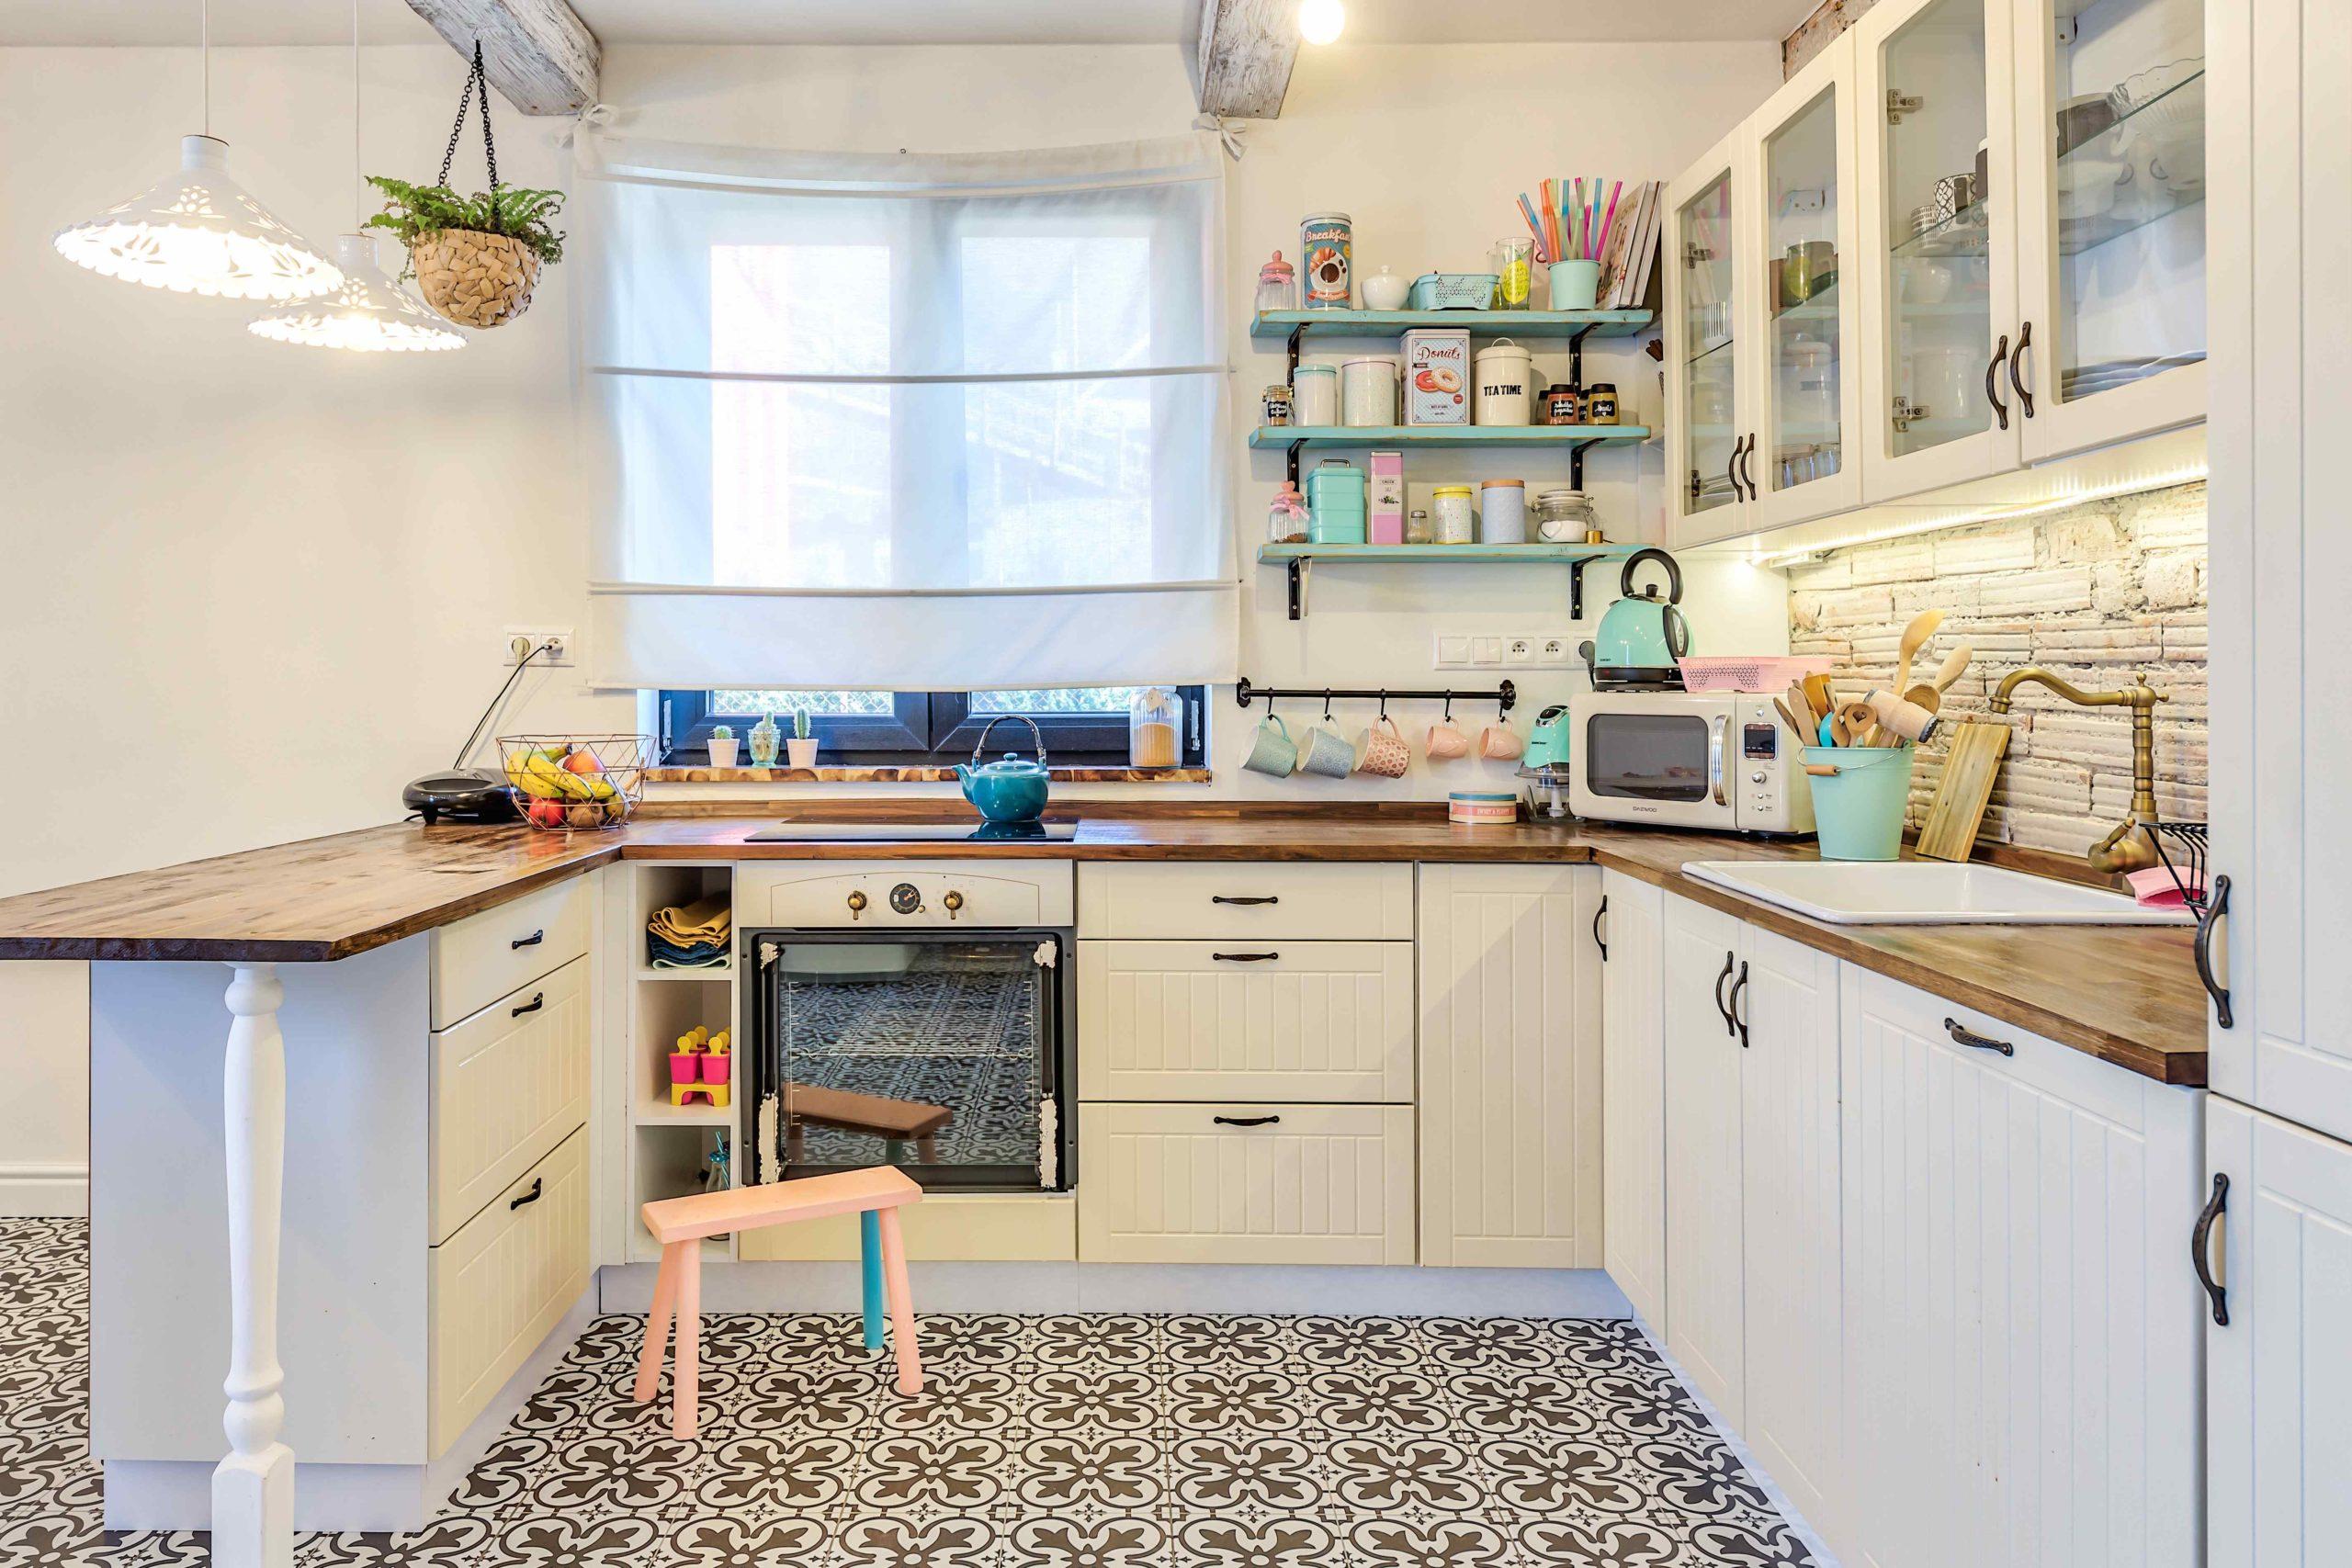 Kuchyň s bílou linkou a mozaikovou dlažbou